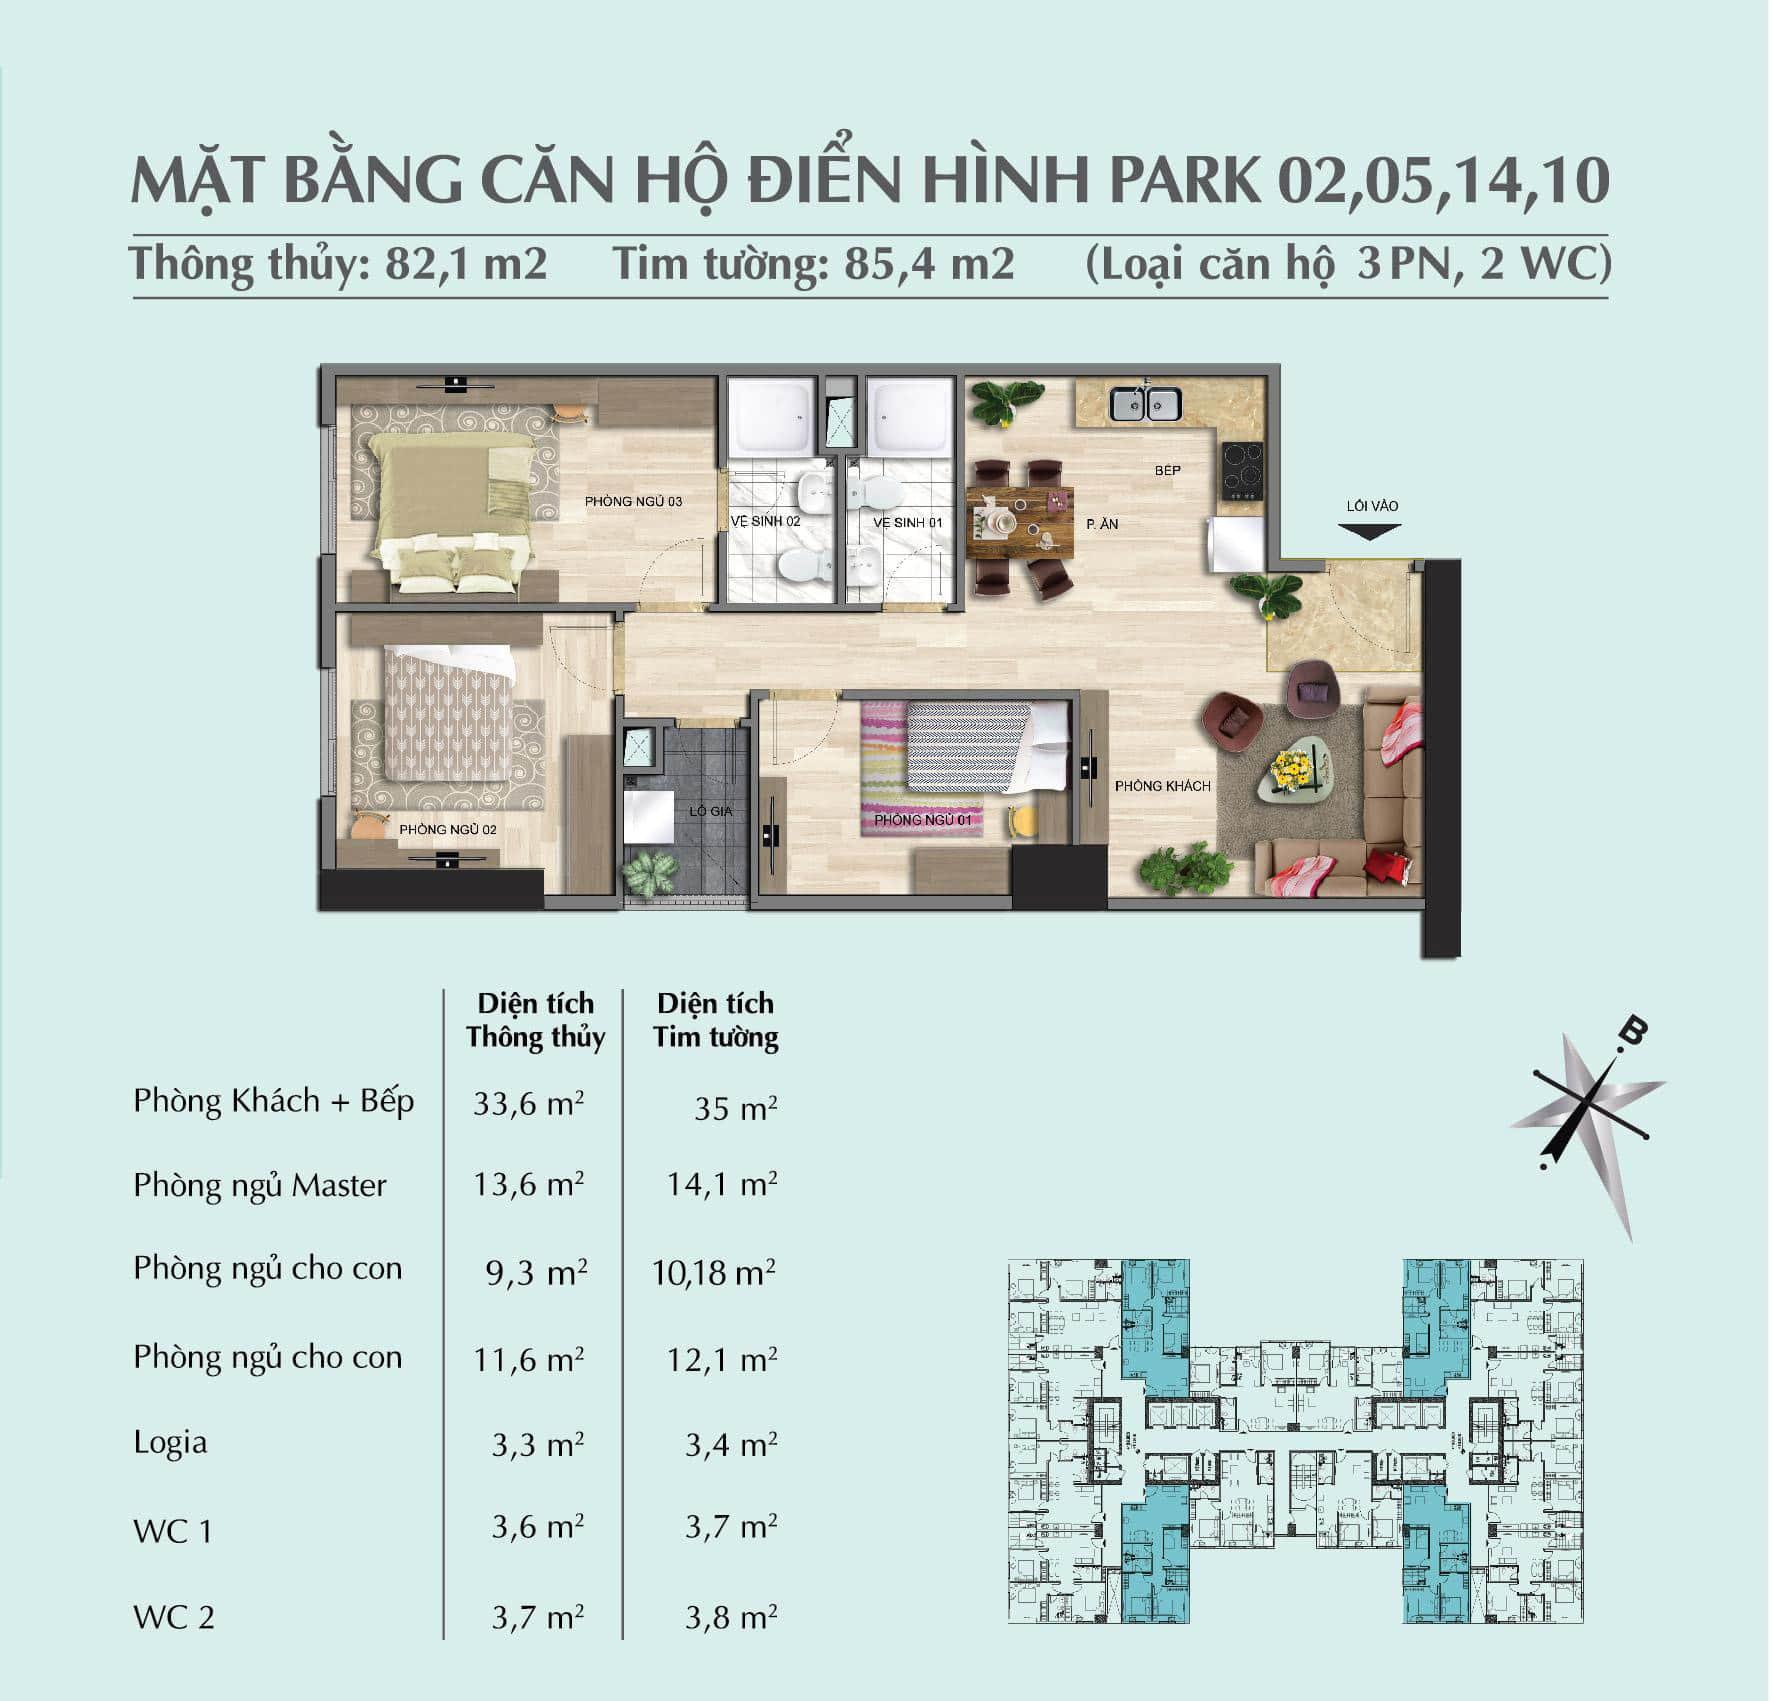 Thiết kế căn 82,1 m2 tòa Park 1 + 2 + 3chung cư Eurowindow River Park